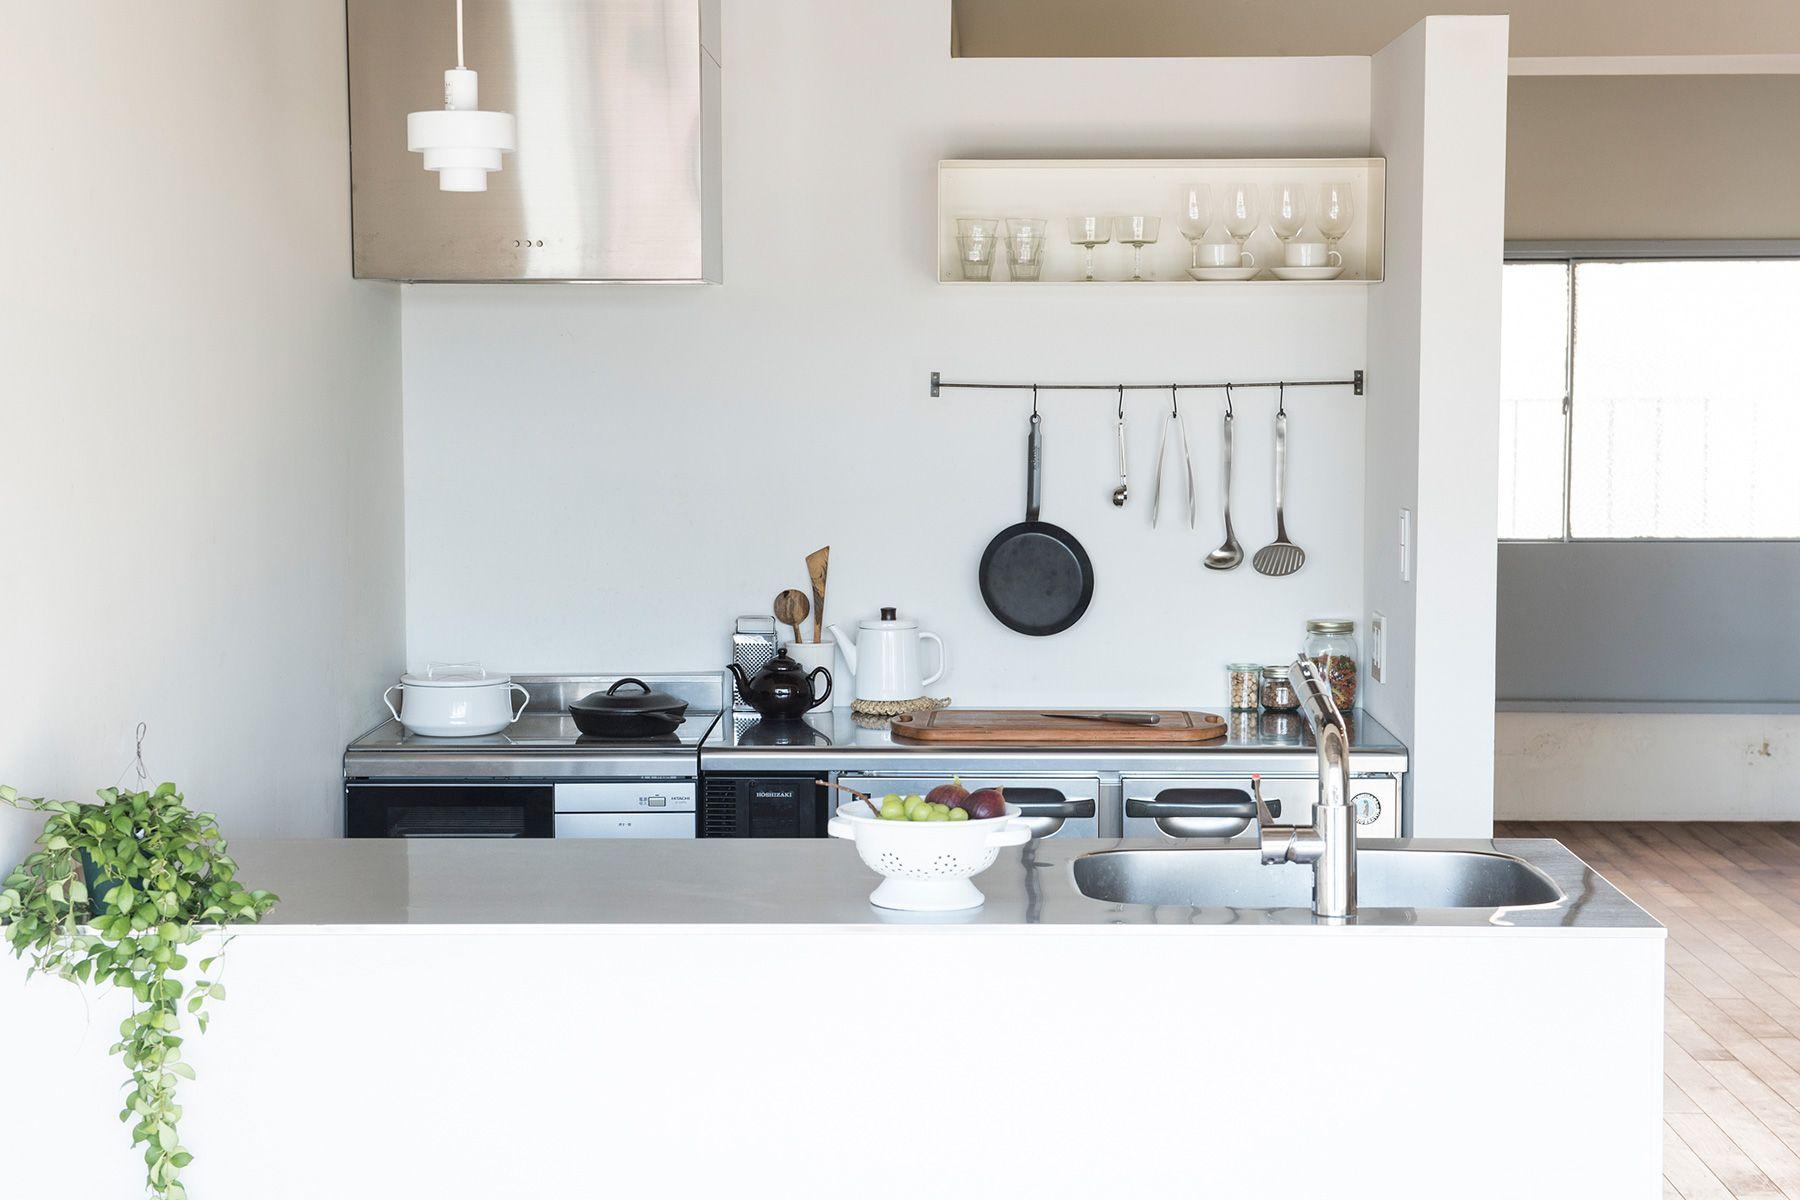 cobaco kitchen(コバコ キッチン)キッチン